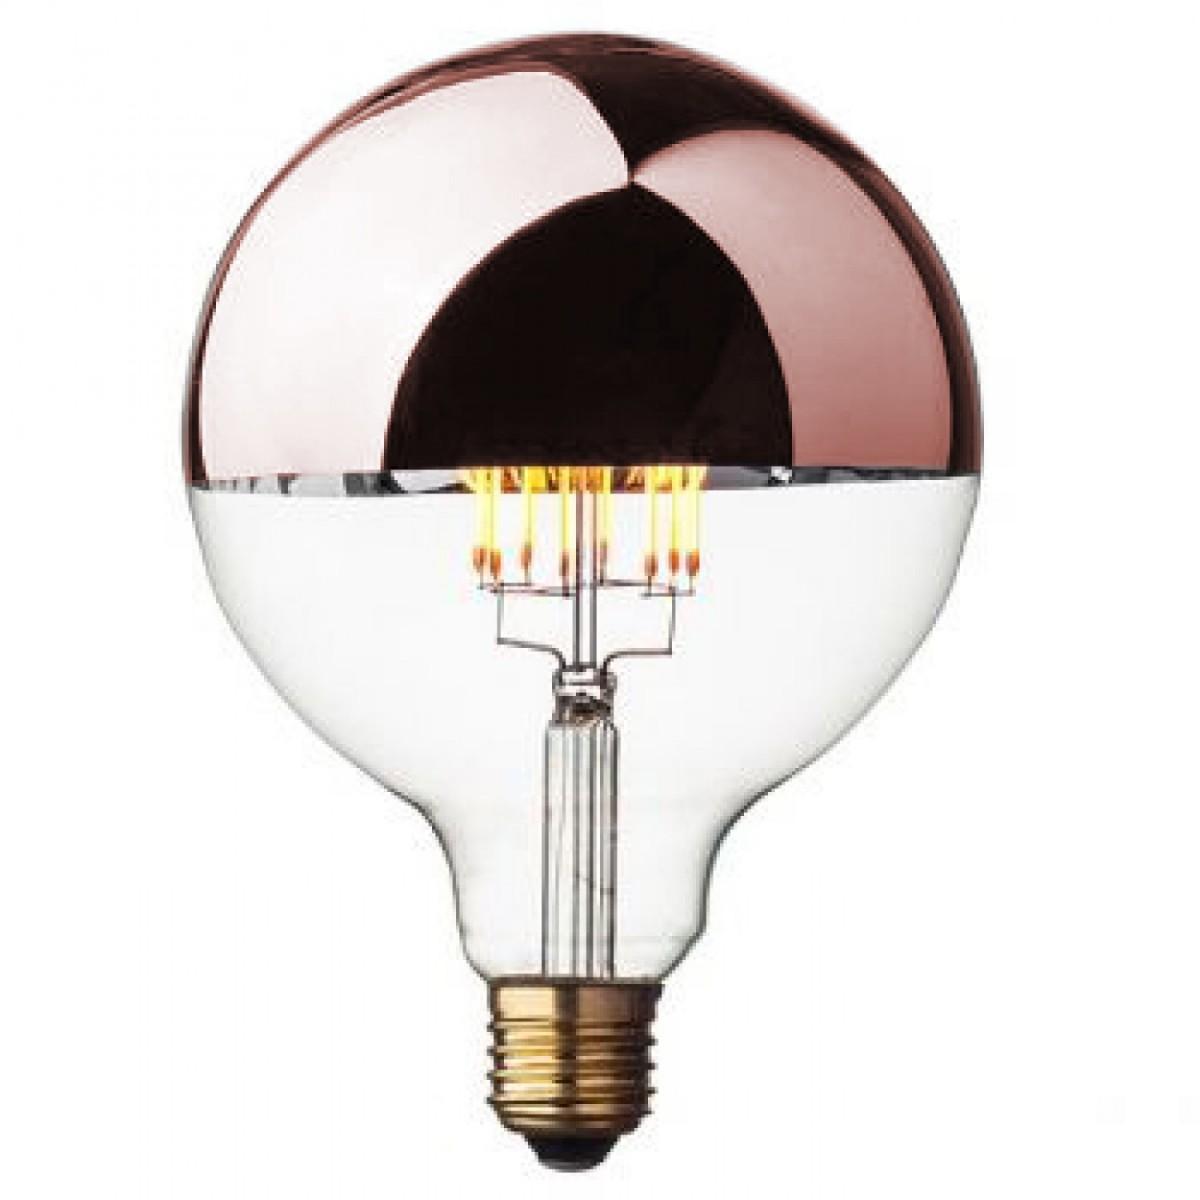 ampoule d corative edison led globe geant cuivre. Black Bedroom Furniture Sets. Home Design Ideas